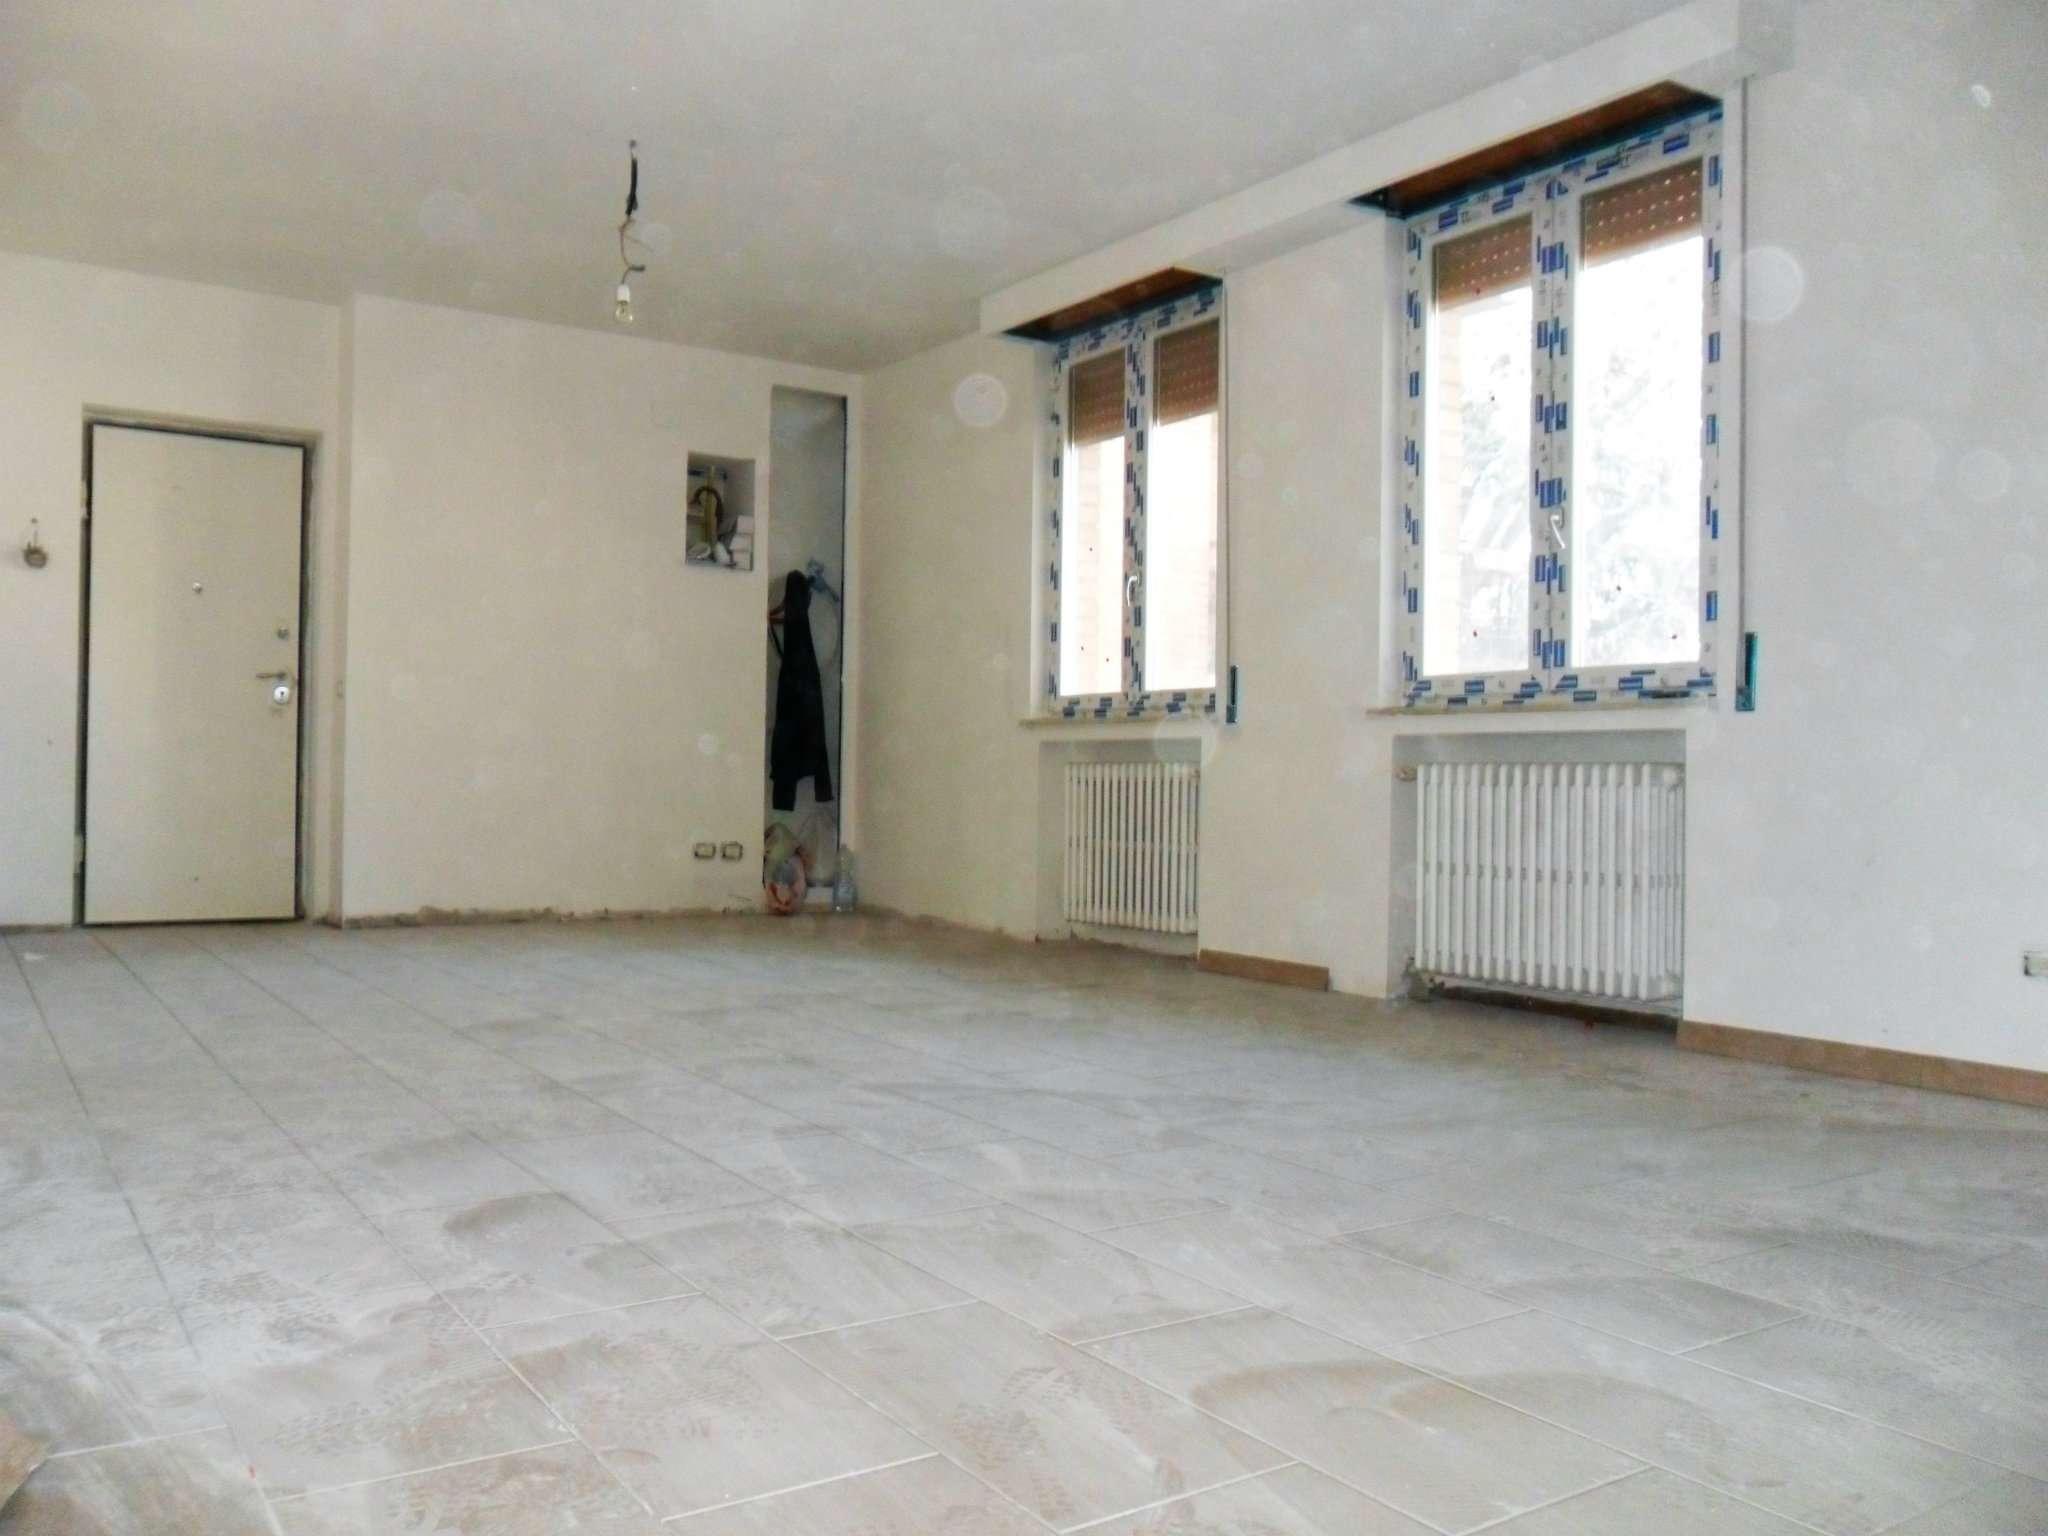 Appartamento in vendita a Noceto, 3 locali, prezzo € 129.000 | Cambio Casa.it